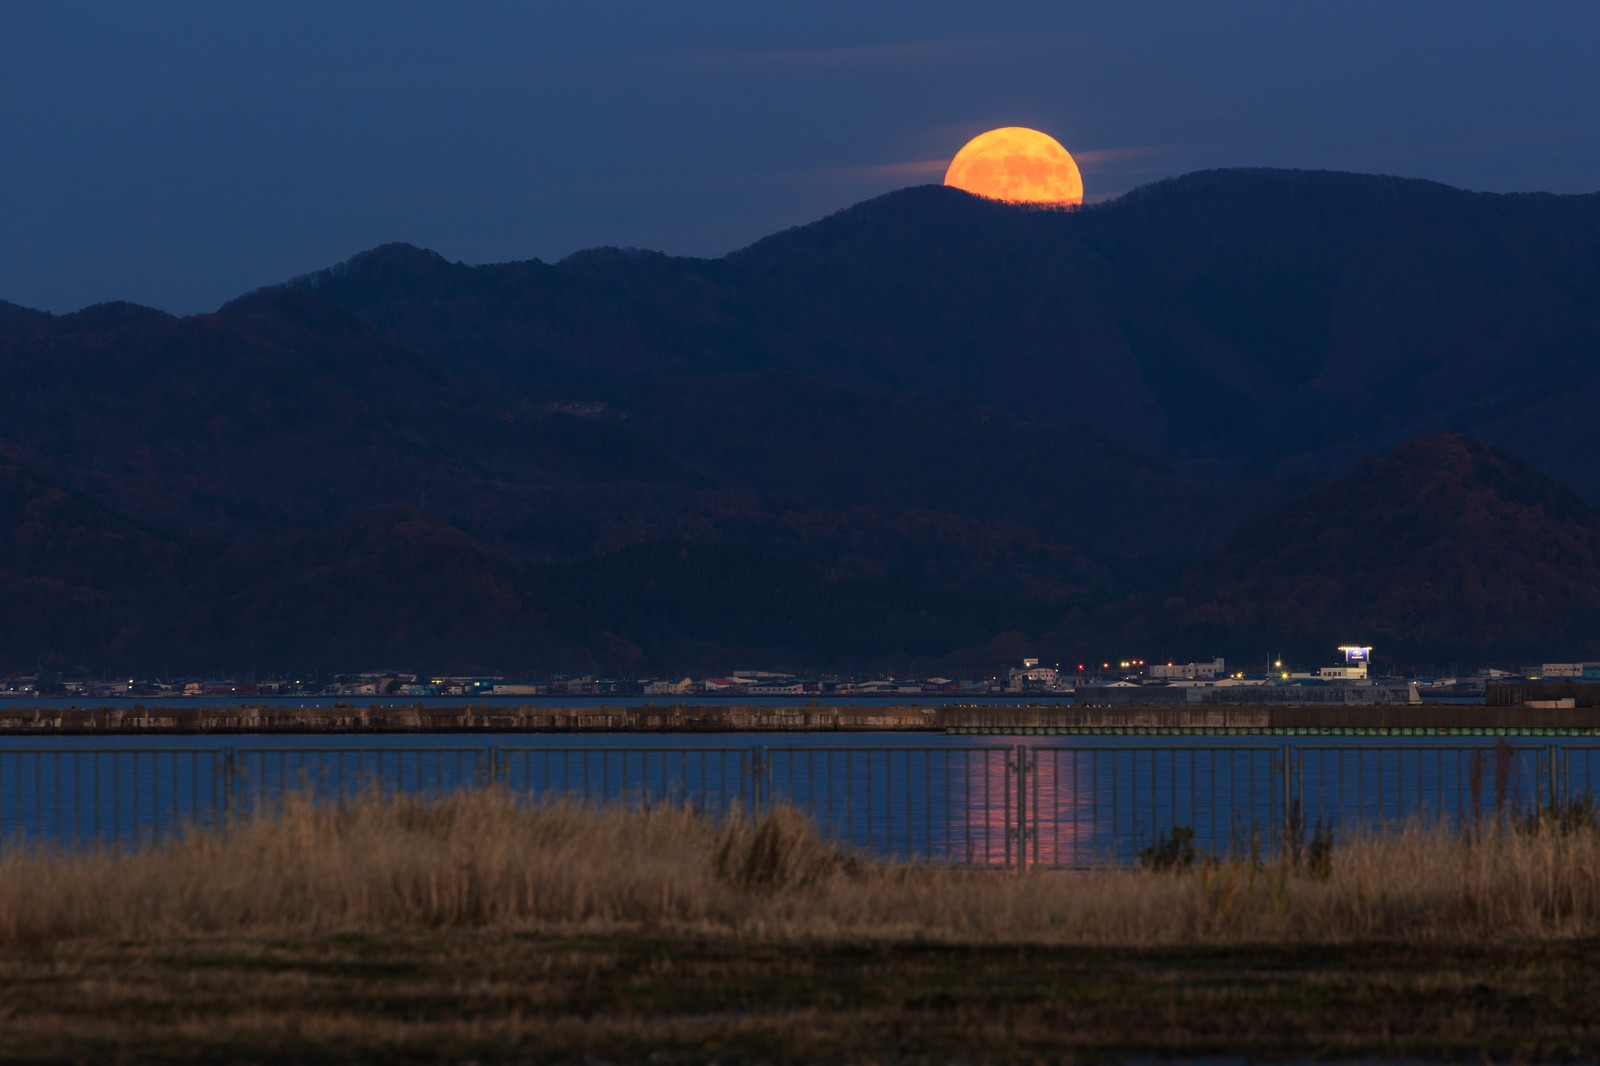 「満月こんにちは満月こんにちは」のフリー写真素材を拡大